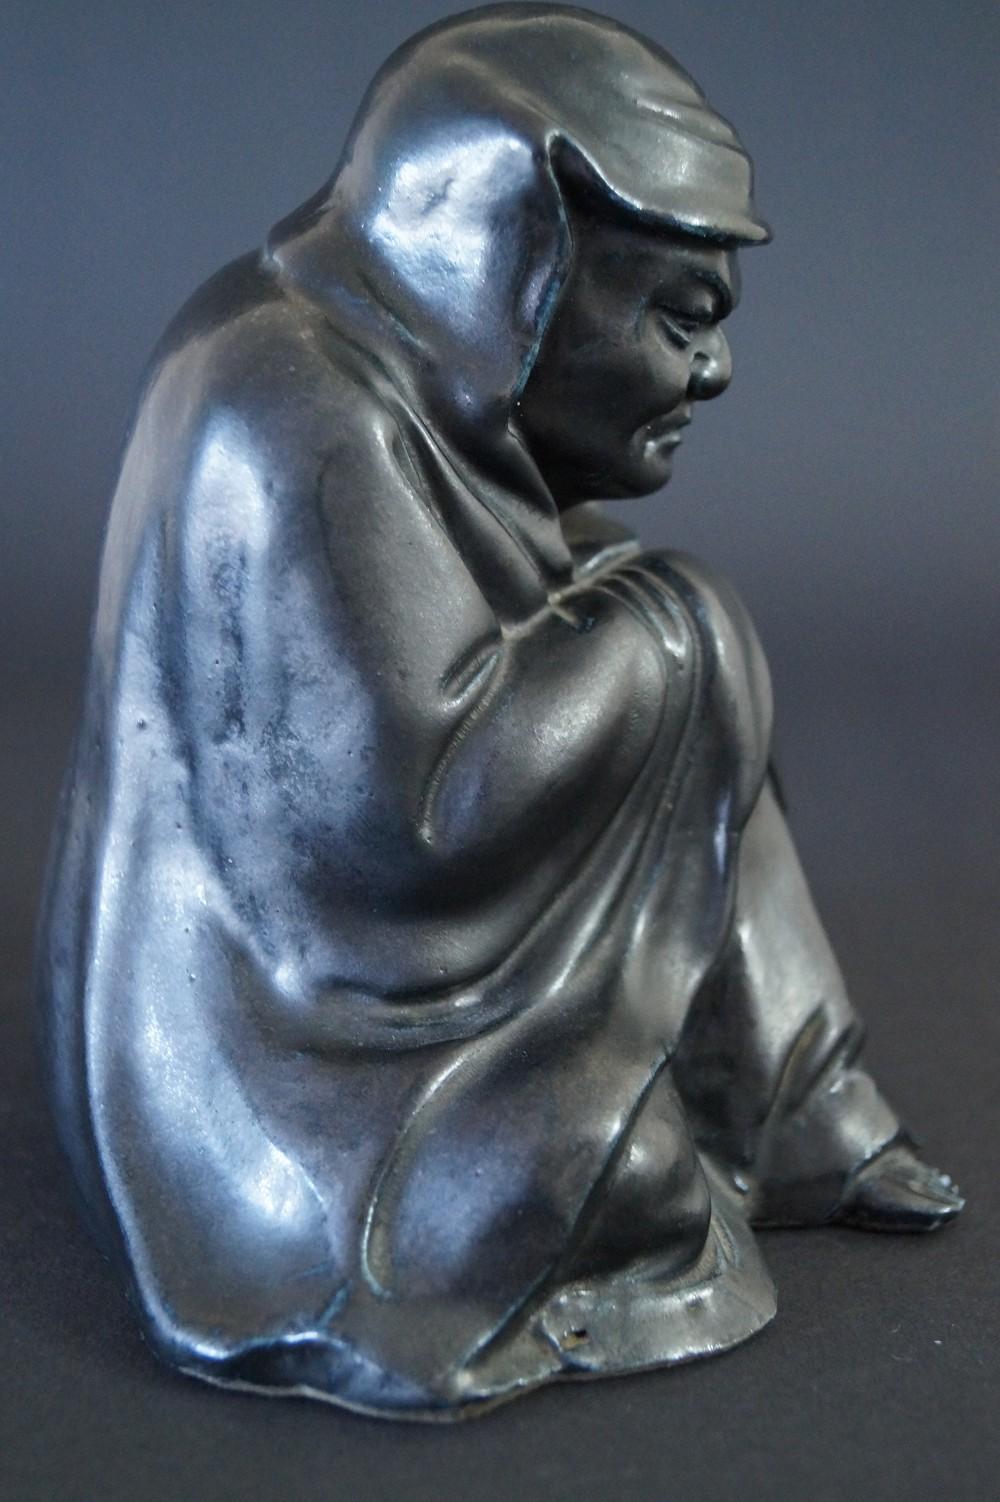 Japanische Bodhidharma (Daruma) Figur aus schwarzem Porzellan